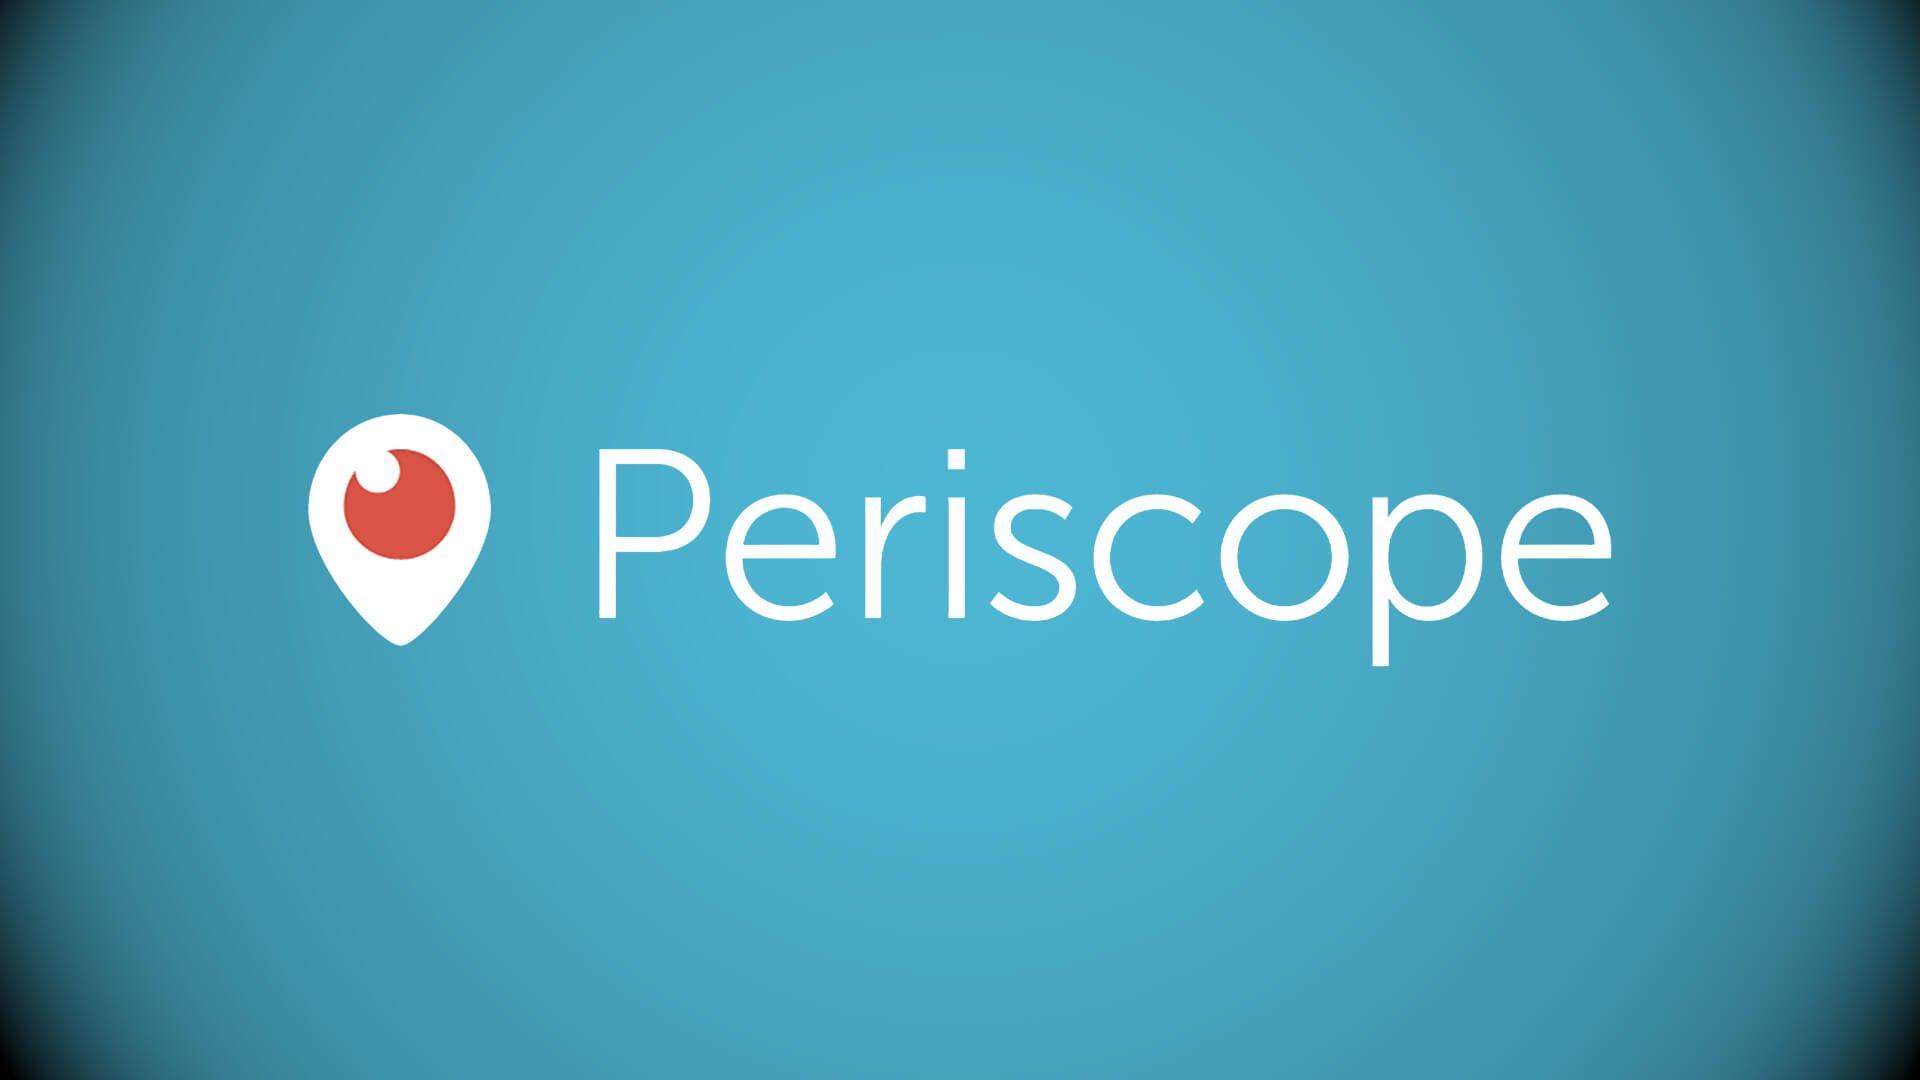 Periscope Nedir? Periscope Nasıl Kullanılır Periscope Nedir? Nasıl Kullanılır? periscope nasil calisir